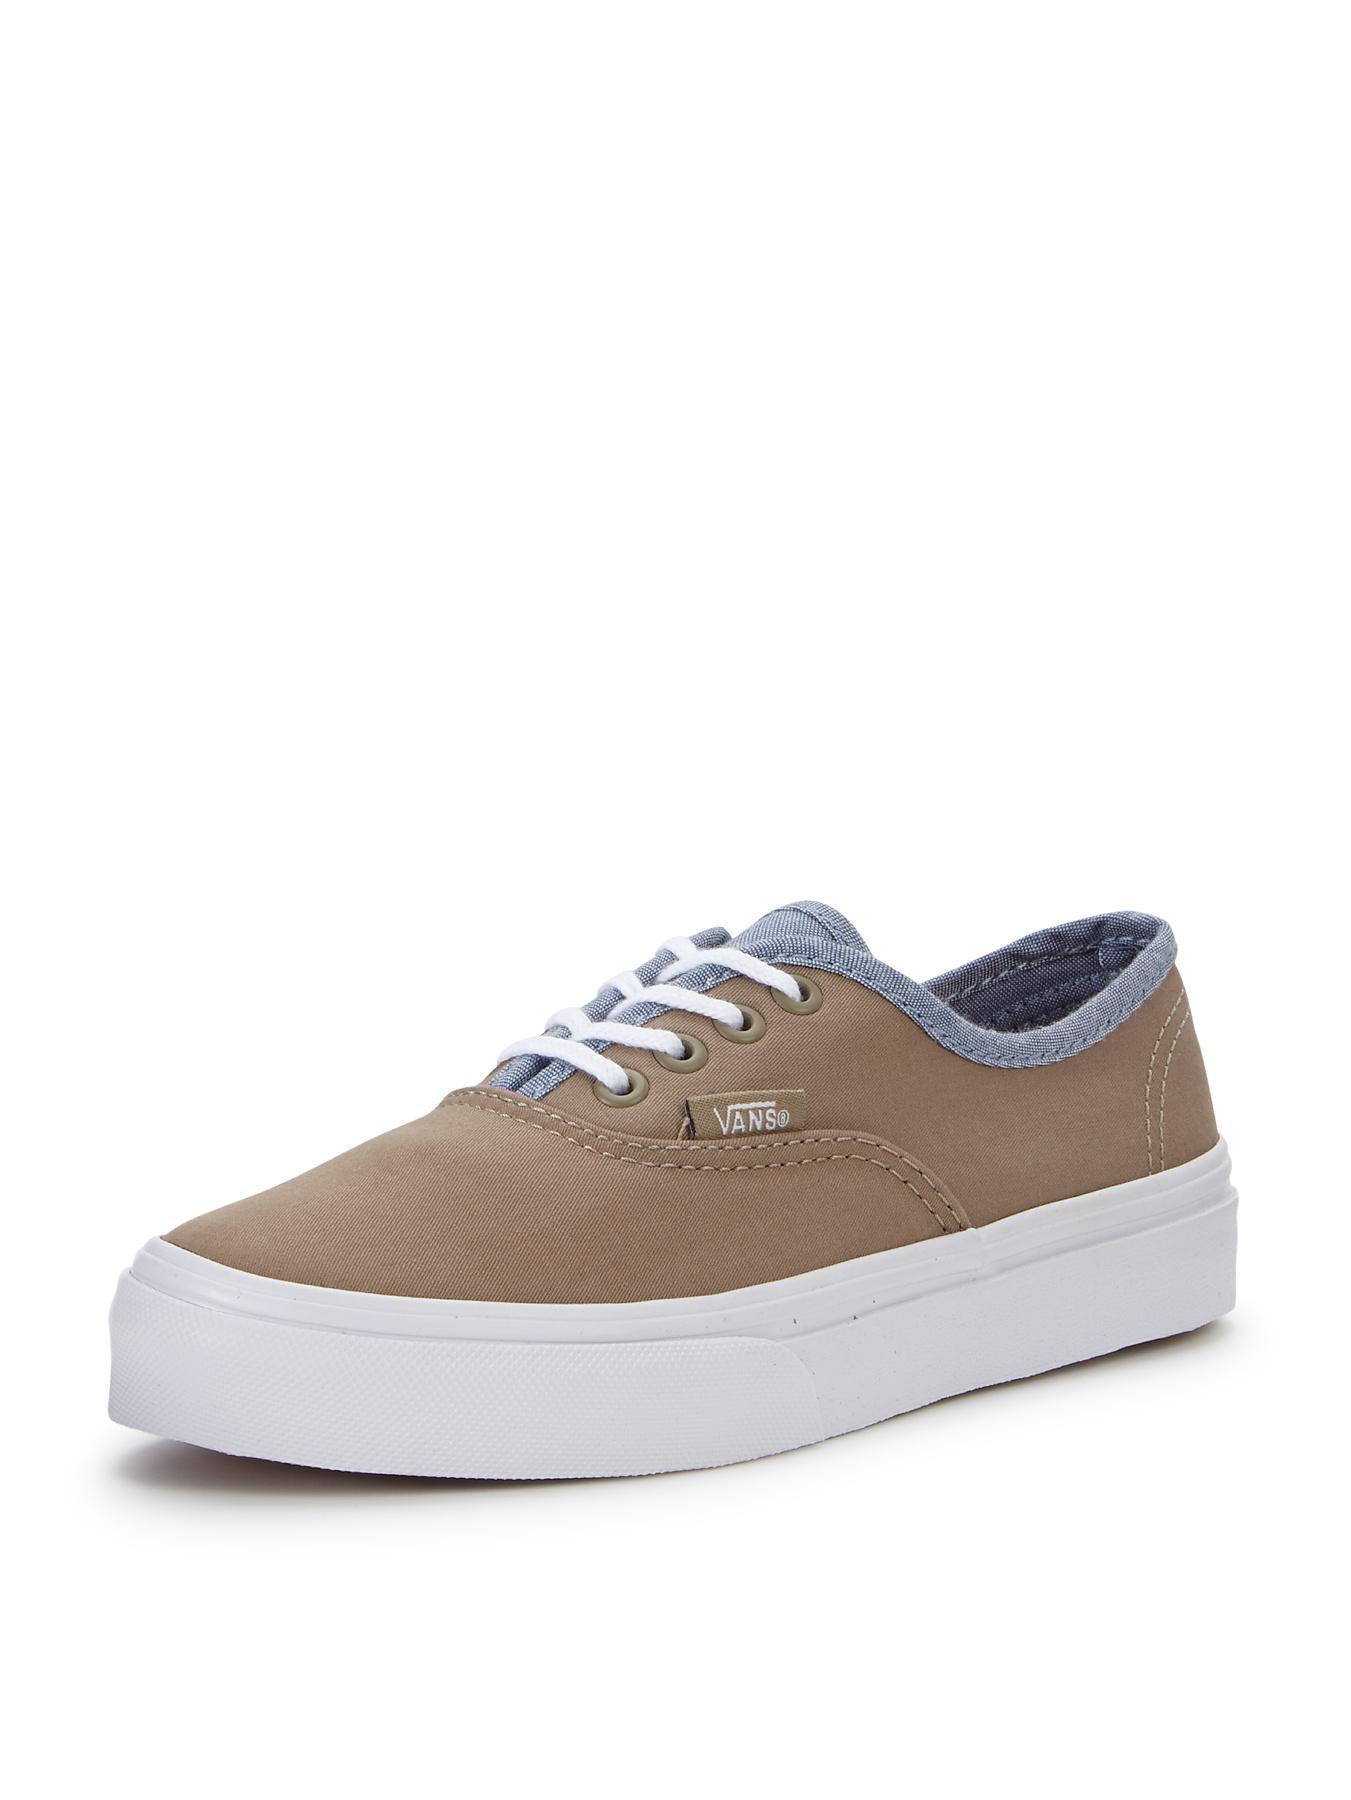 Vans Authentic Junior Plimsolls - Khaki, Khaki